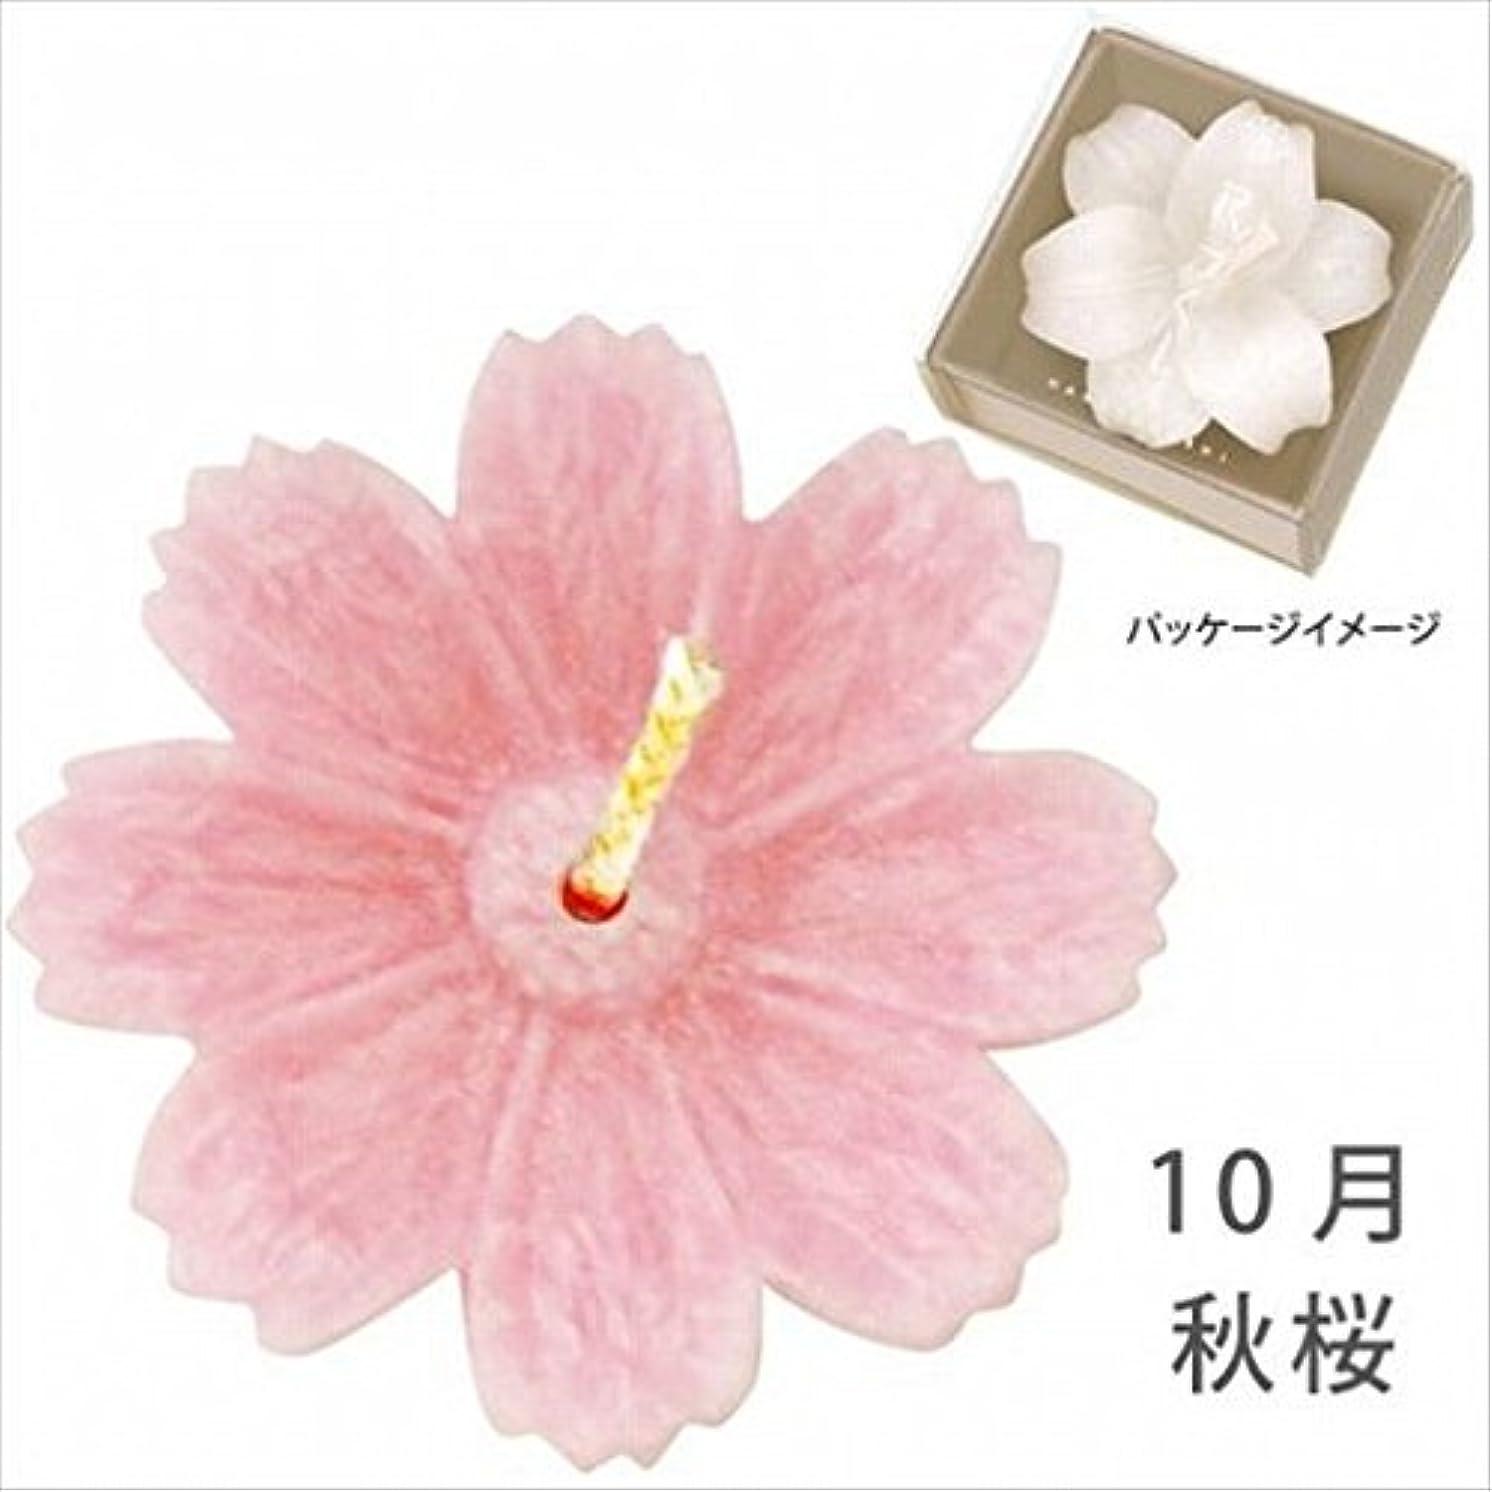 送金仕事ただやるkameyama candle(カメヤマキャンドル) 花づくし(植物性) 秋桜 「 秋桜(10月) 」 キャンドル(A4620515)